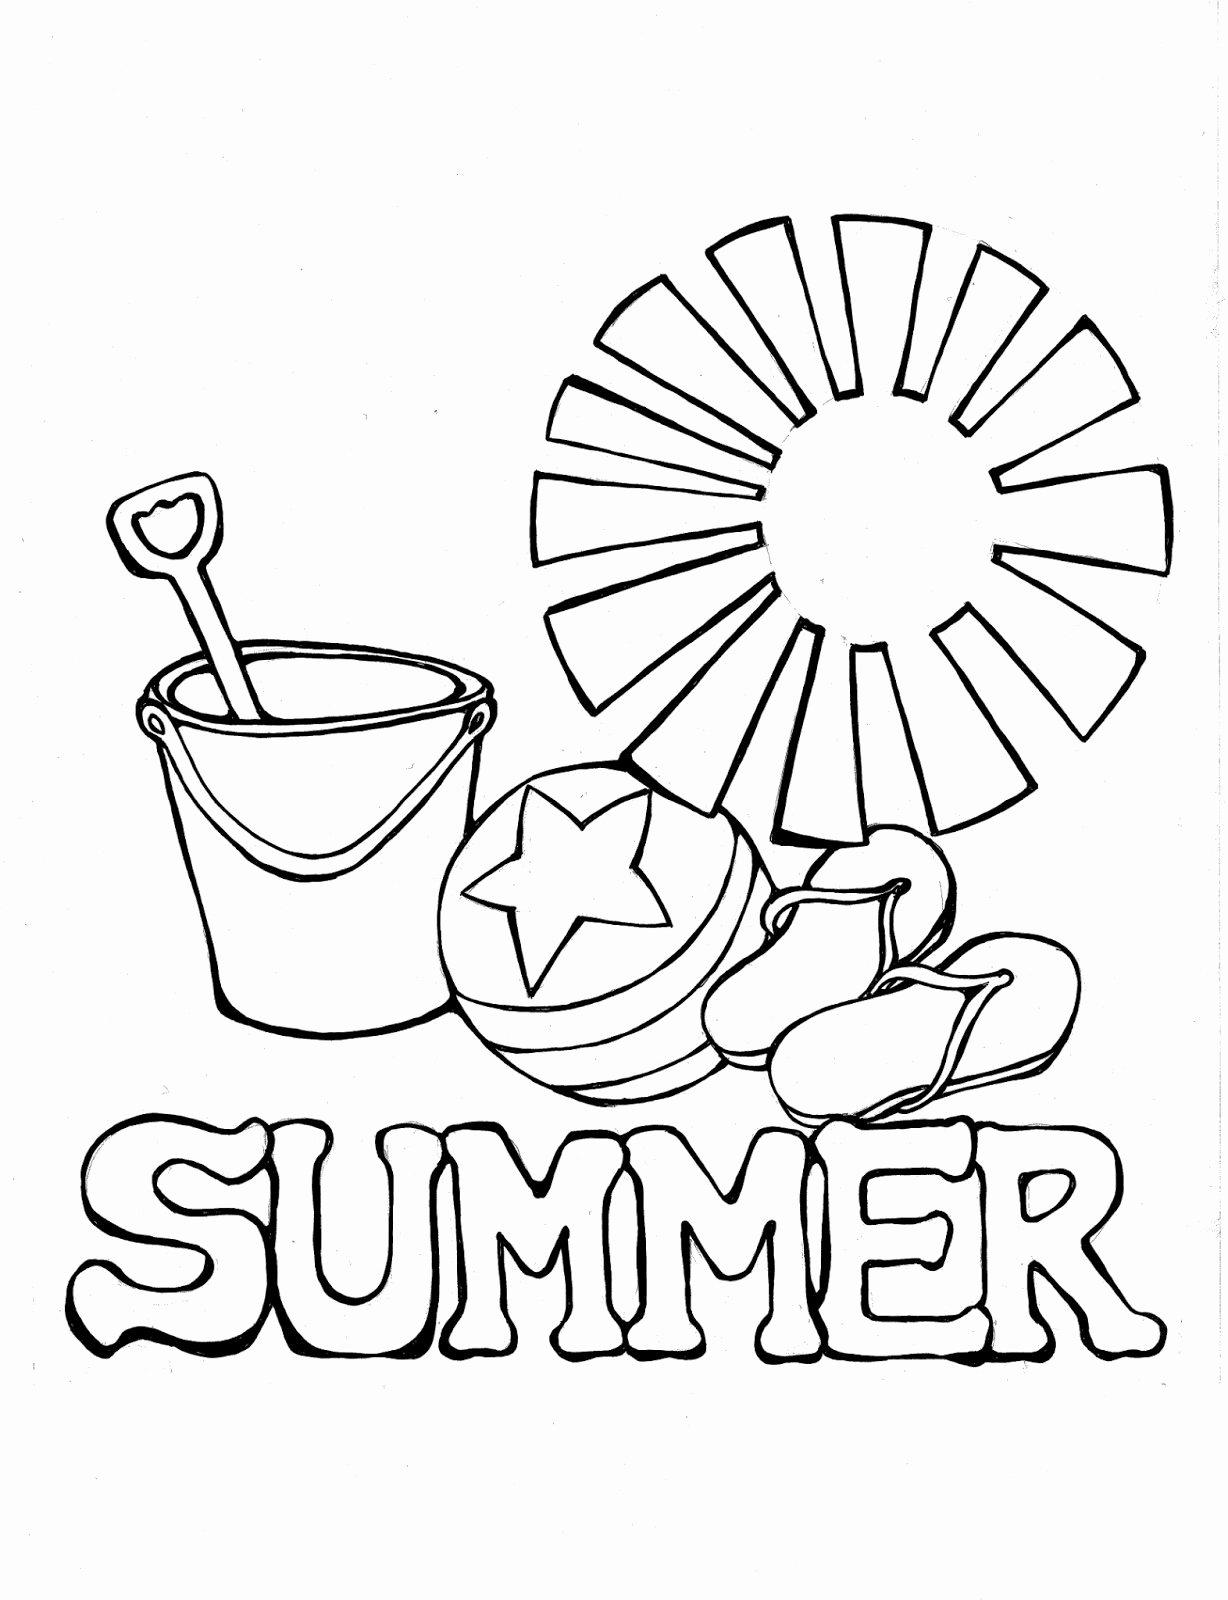 Printable Summer Worksheets for Preschoolers Best Of Coloring Book Worksheet Preschool Pages Summer Worksheets